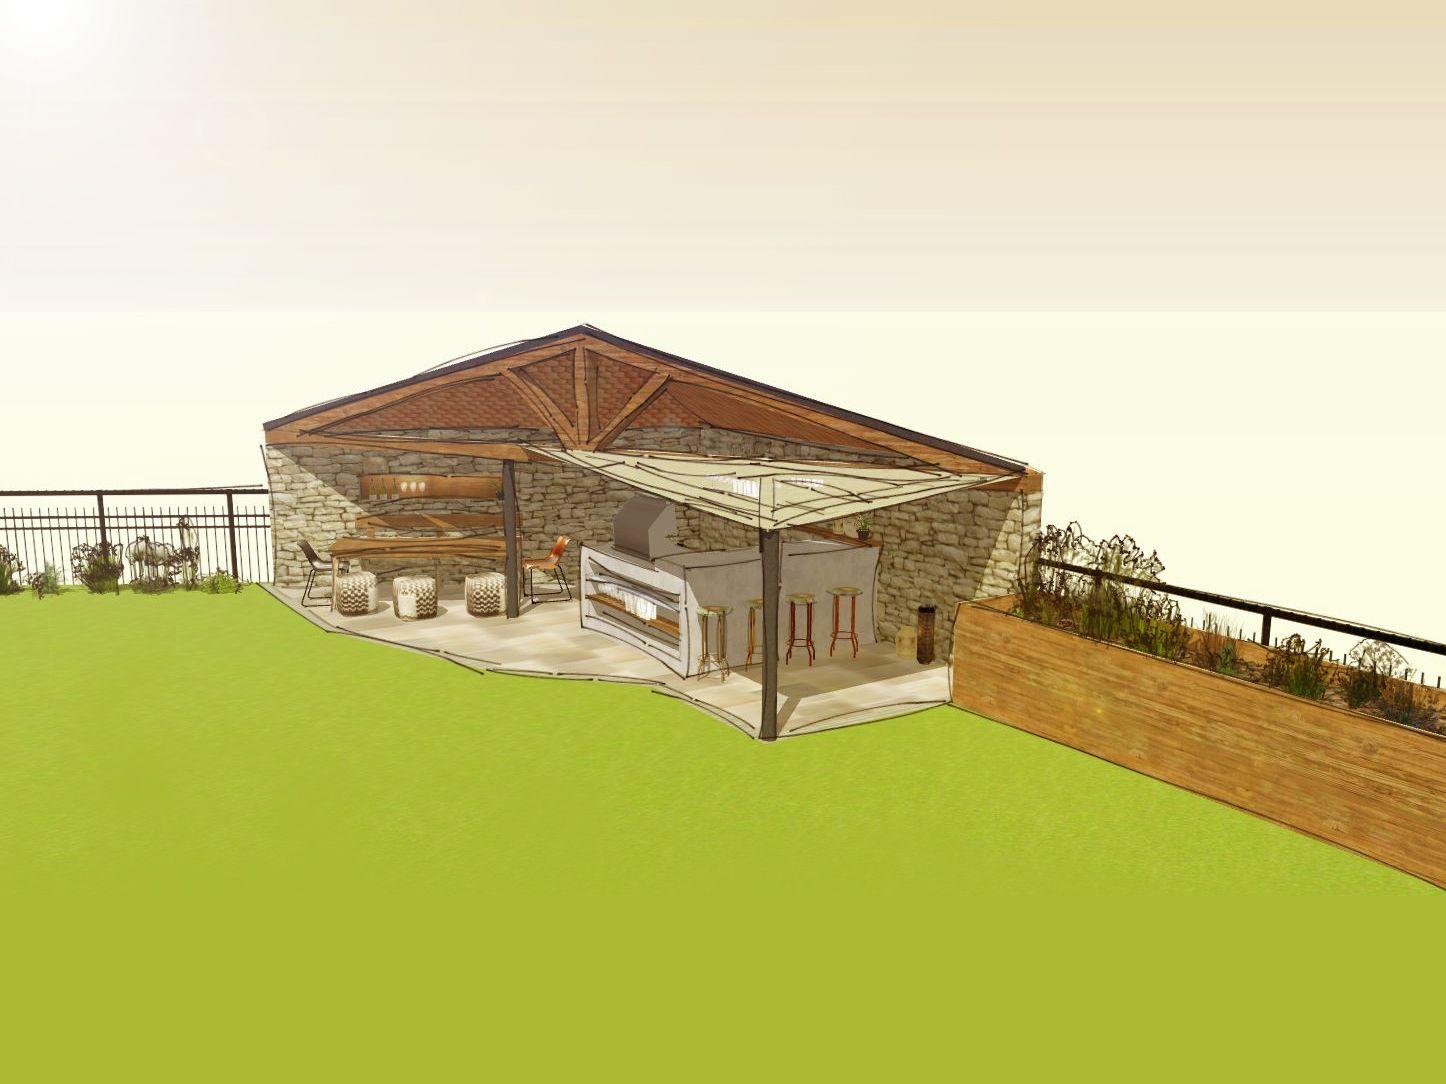 3d Planung Einer Outdoorkuche Mit Grill Bartresen Und Angrenzenden Hochbeet Konzept Bau Gebaude